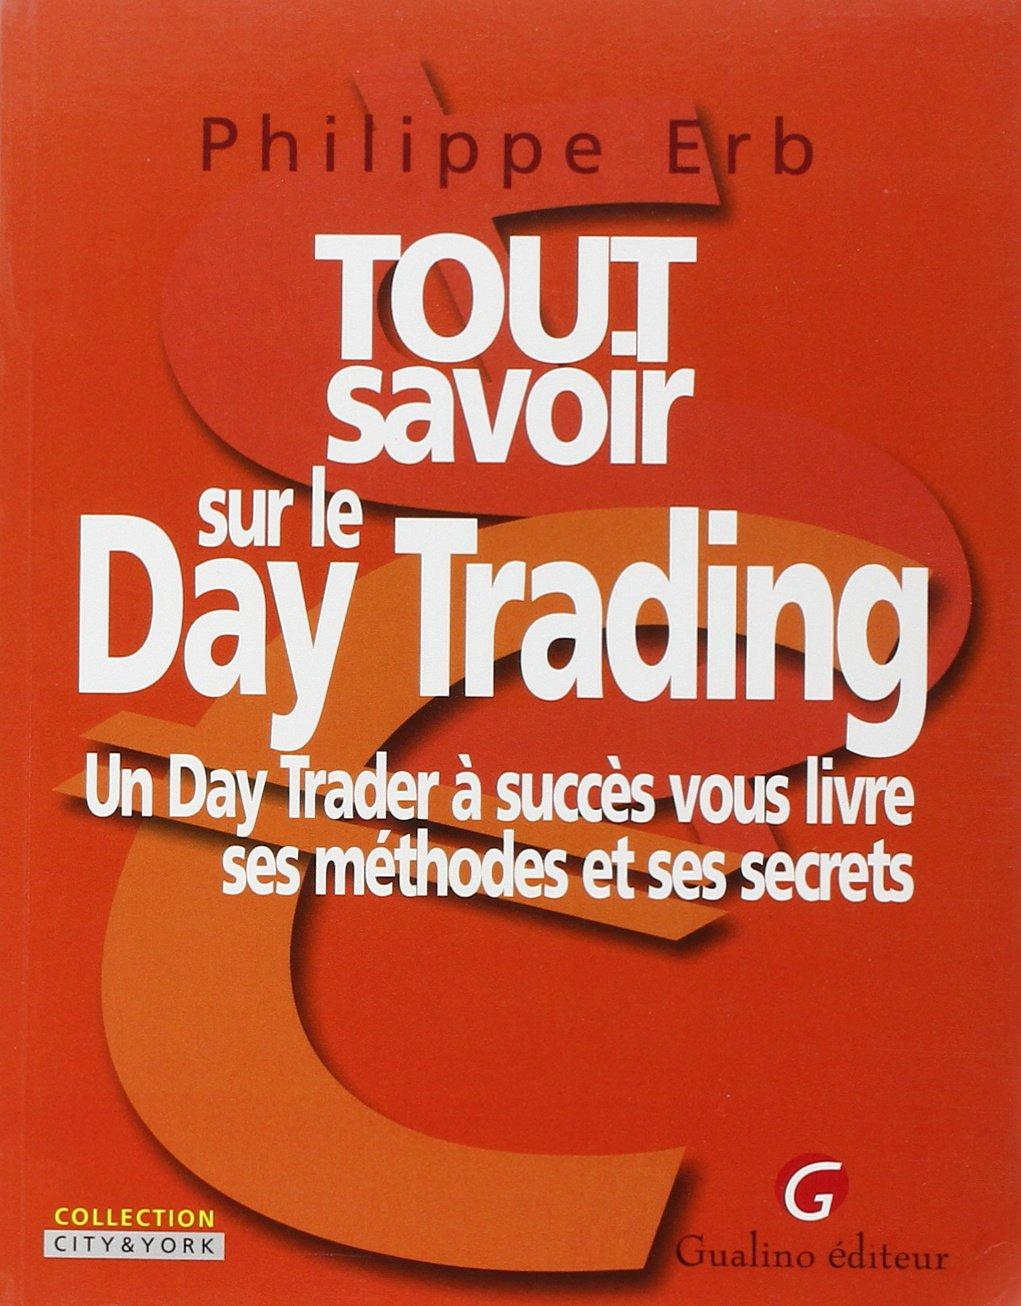 Tout savoir sur le Day Trading : Un Day Trader à succès vous livre ses méthodes et ses secrets Broché – 18 mai 2004 Philippe Erb Gualino Editeur 2842004892 AUK2842004892